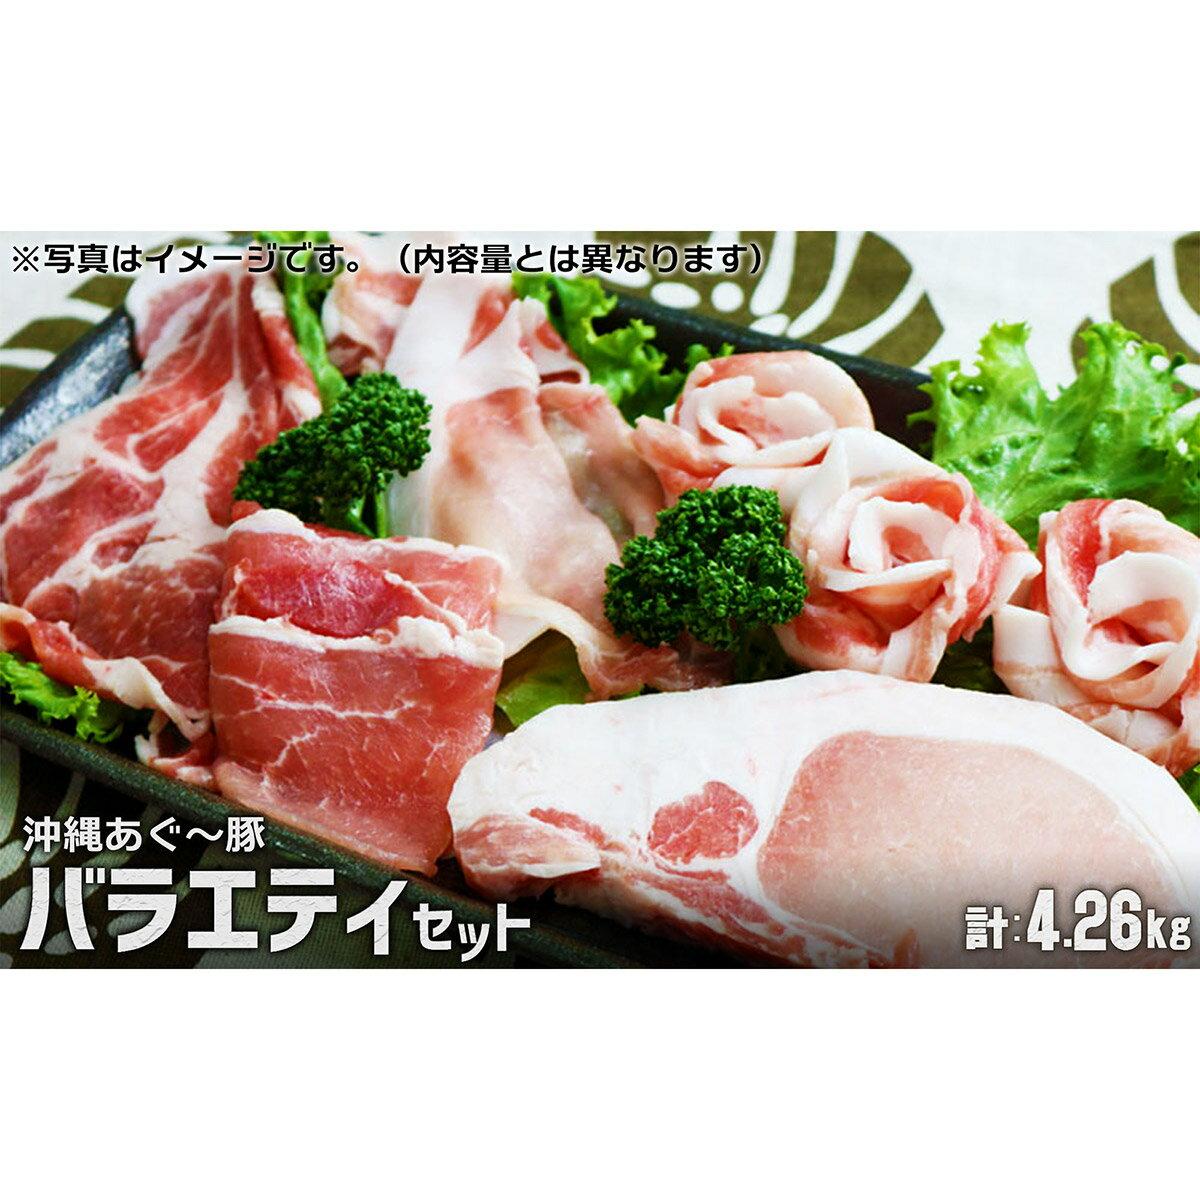 【ふるさと納税】【東村北斗農場産】沖縄あぐー豚バラエティーセット 4.26kg